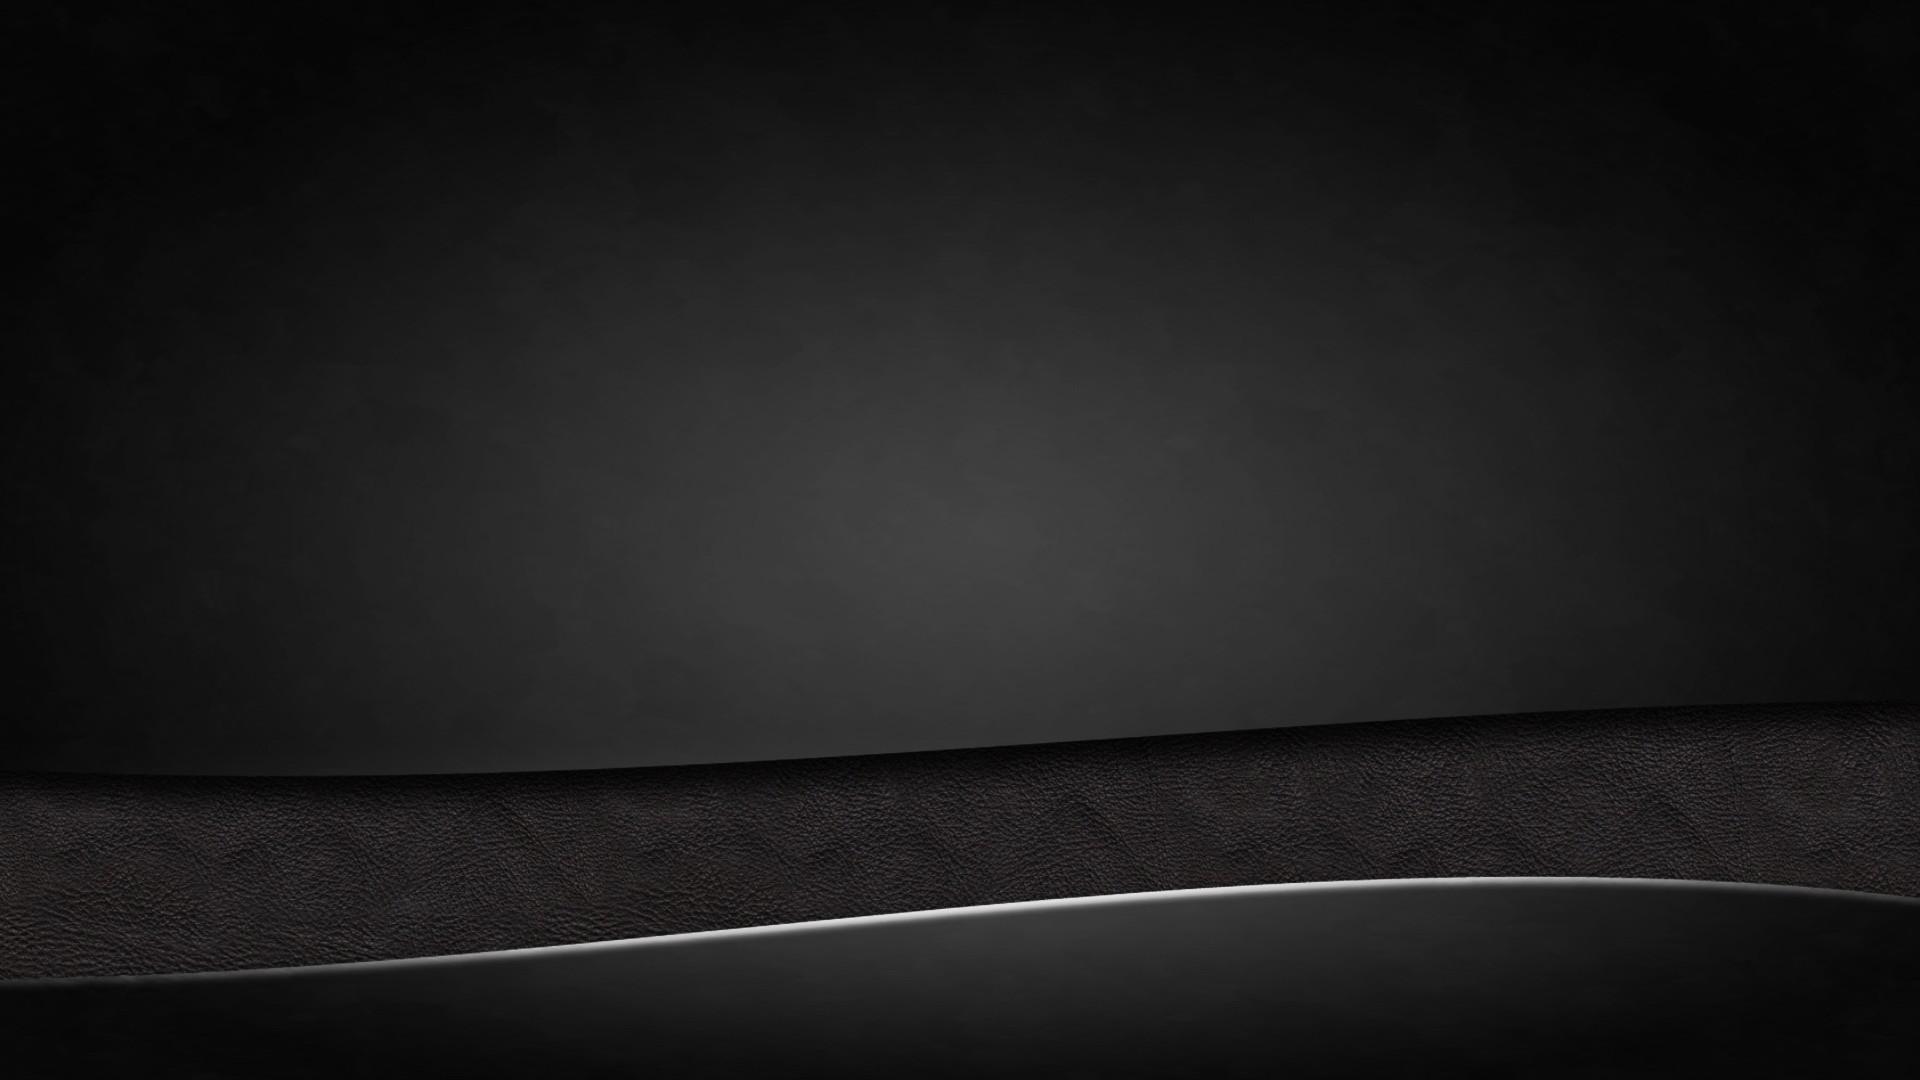 Black Leather Wallpaper HD | PixelsTalk Net